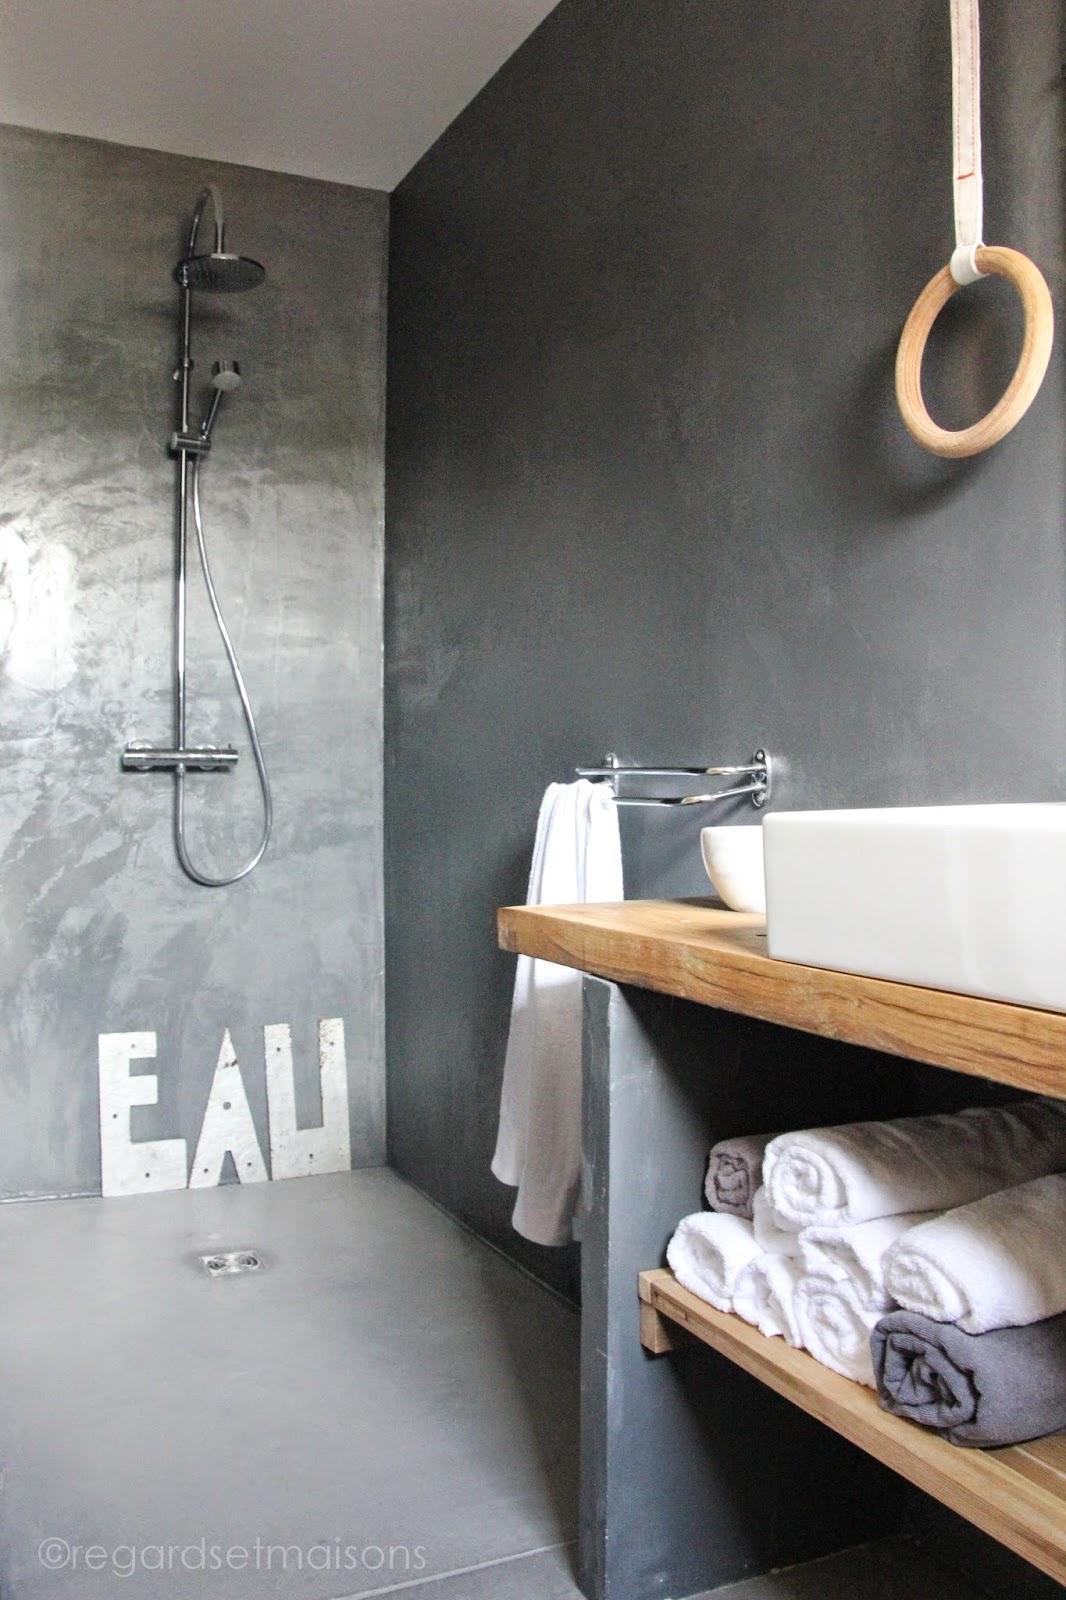 Nouvelle Salle De Bain Ma Bimbo : Ma nouvelle salle de bain b?ton et ...